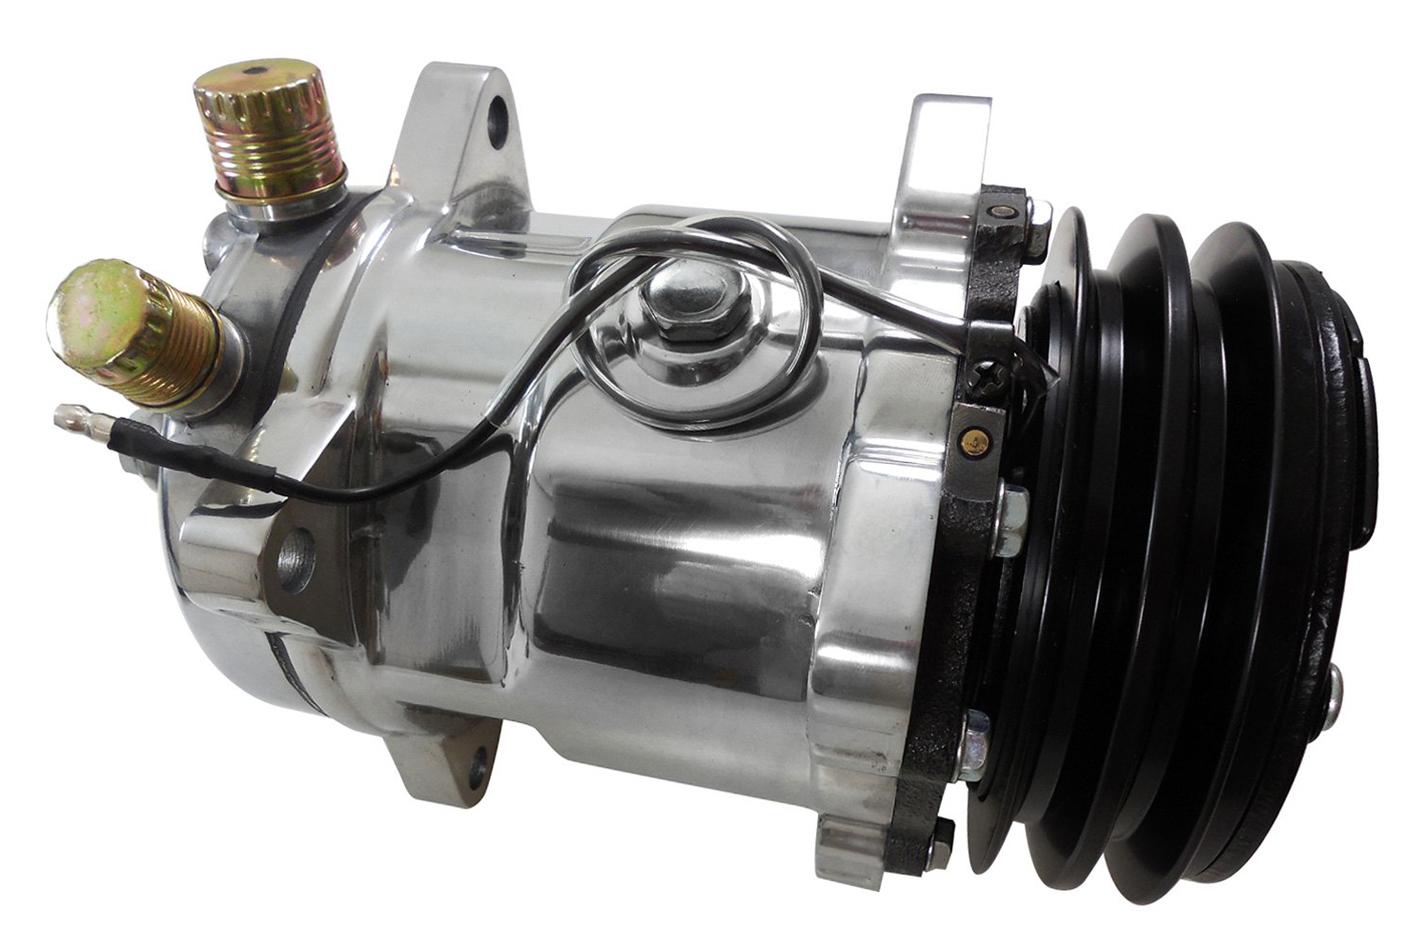 Racing Power Co-packaged Sanden #508 12V A/C Comp ressor V-Belt Pulley